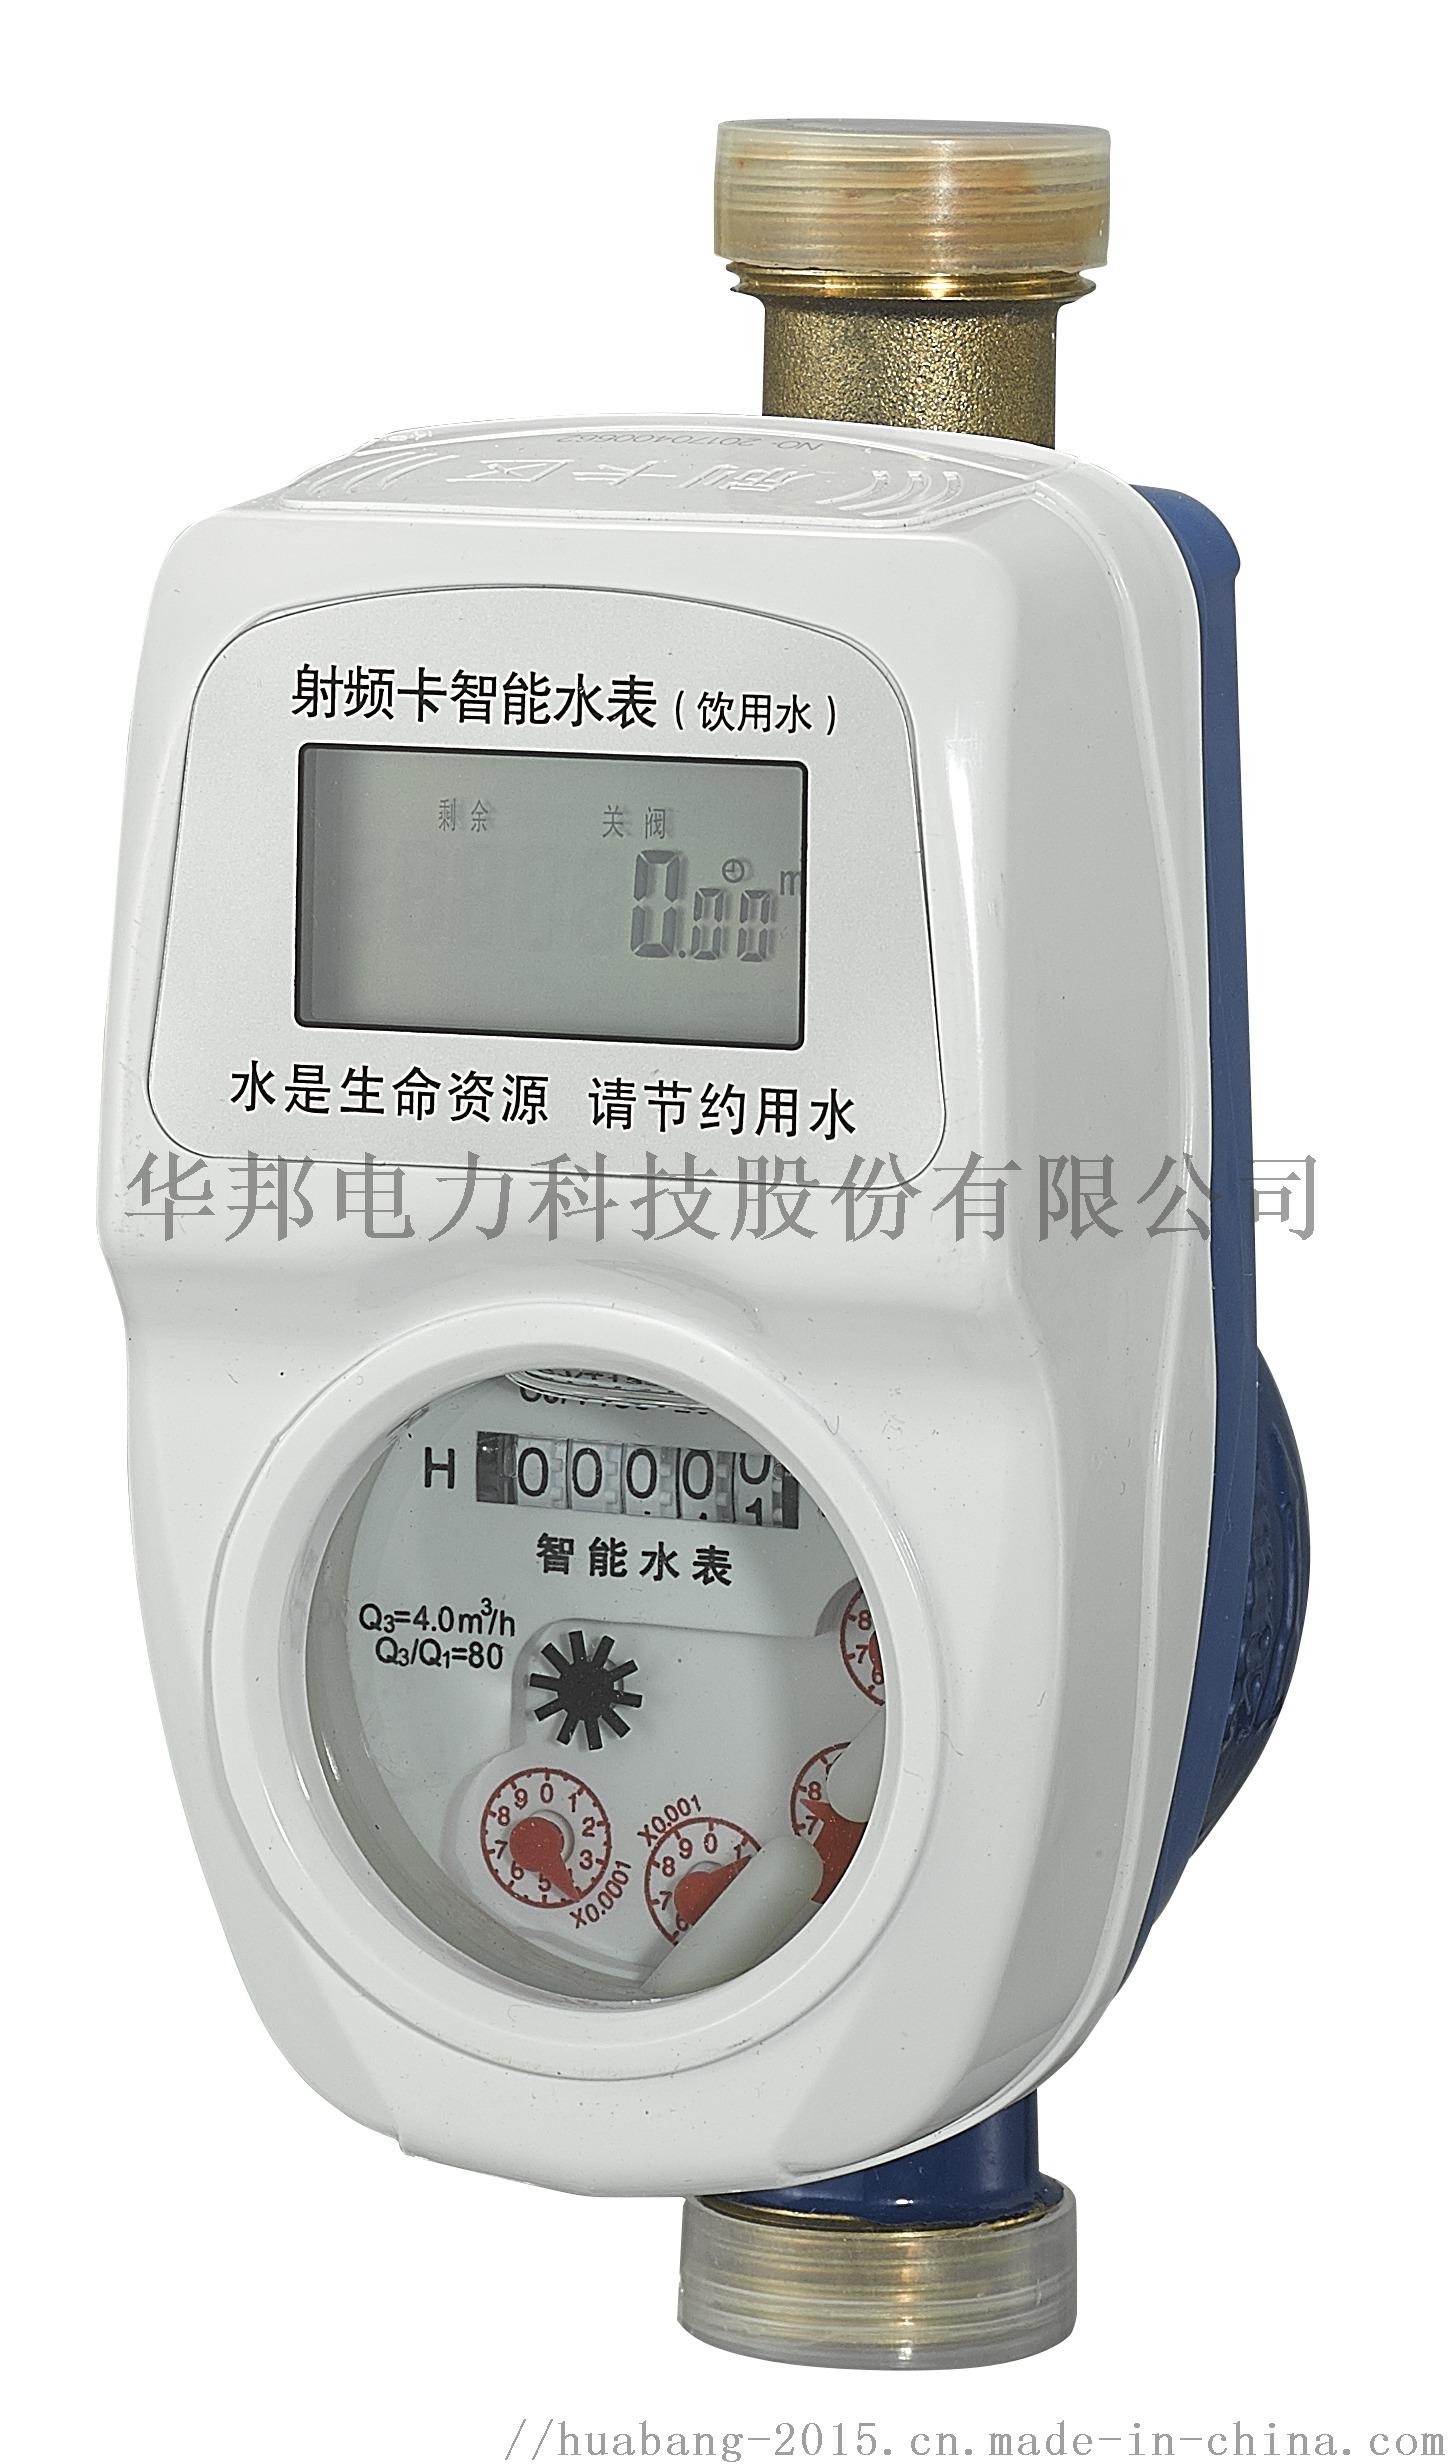 华邦电子有限公司_华邦电力科技股份有限公司首页